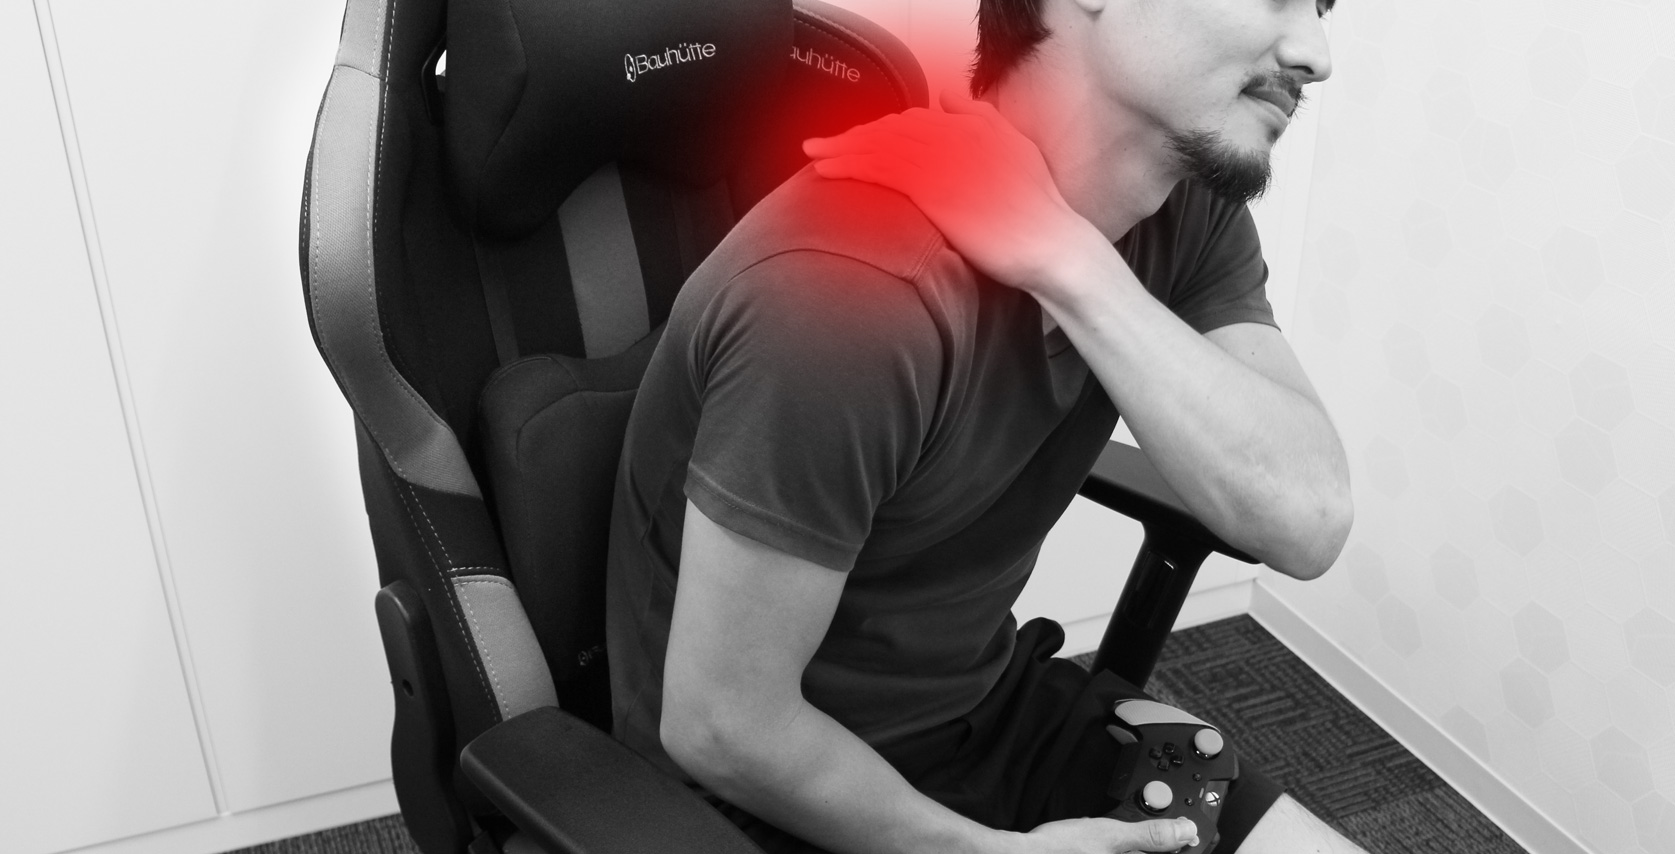 頭痛 ゲーム し すぎ 頭がふわふわする症状の対処法|ぼーっとする原因はスマホの使いすぎ?